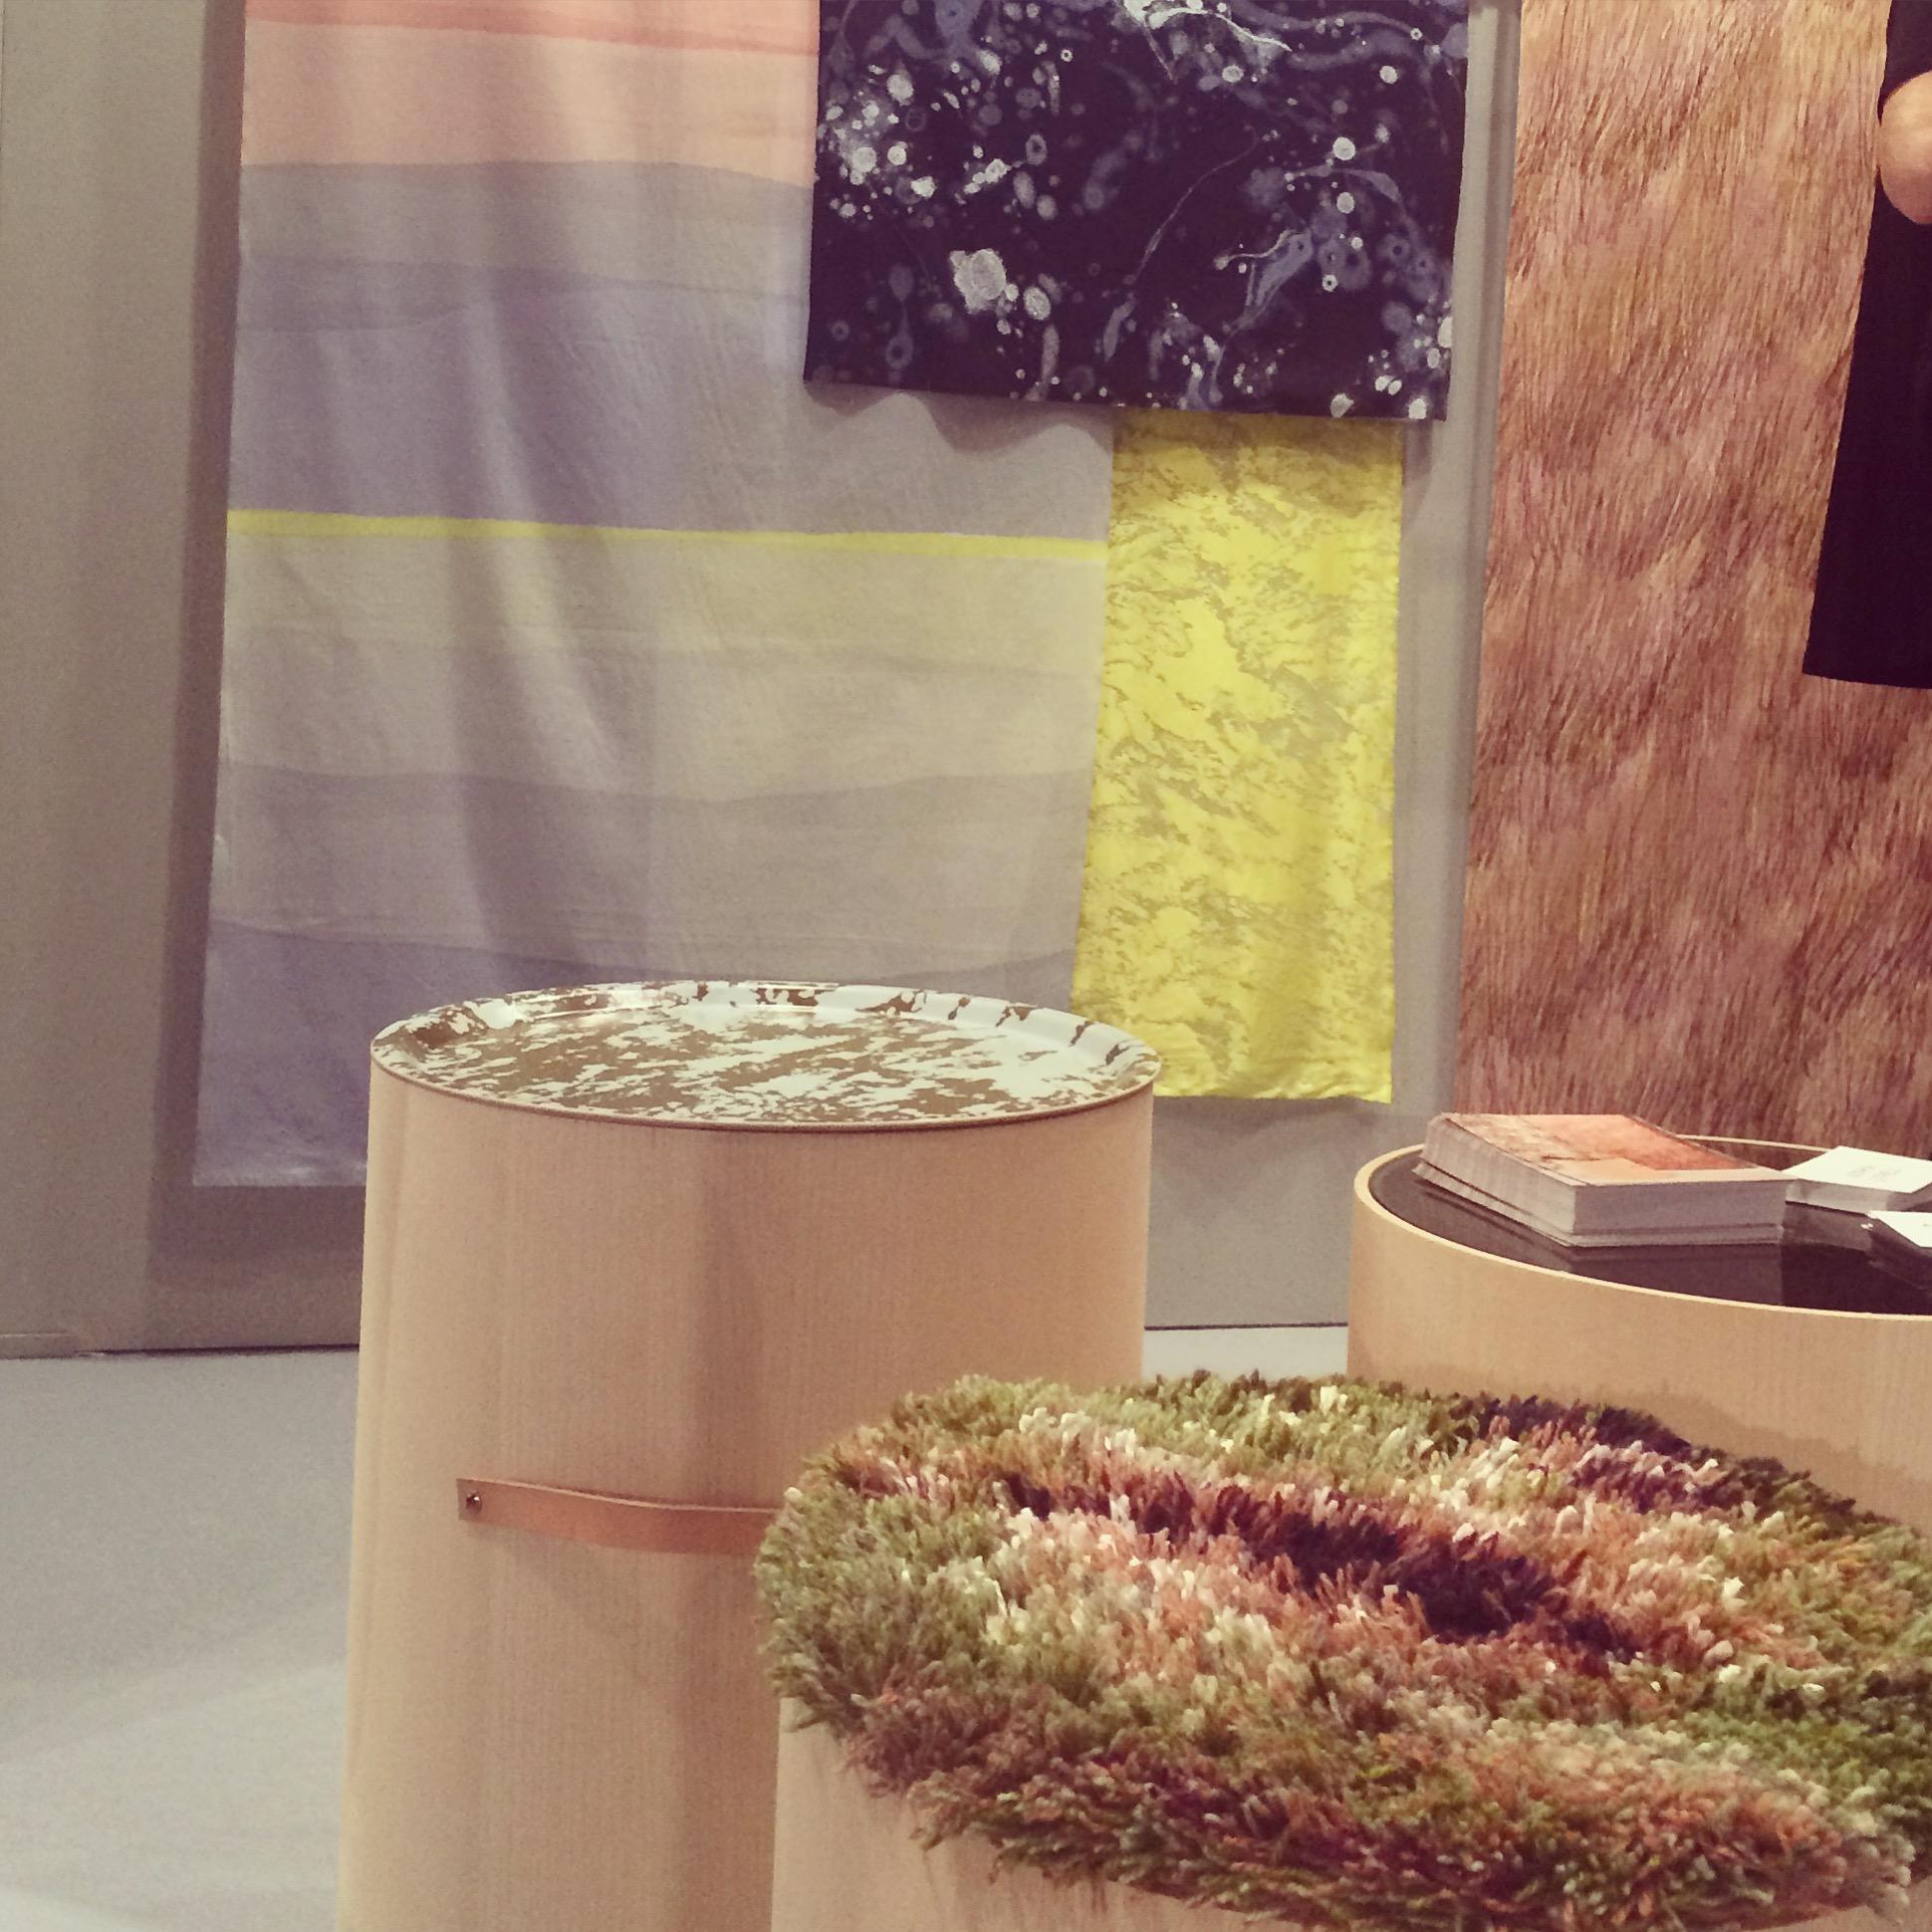 Fantastiskt fin ny kollektion från Studio Amanda och Matilda! Mellan himmel och jord heter den. Nu också i samarbete med spännande formgivaren Sophia Lithell, som gjort möbeln Rotunda. (Foto Kurbits)